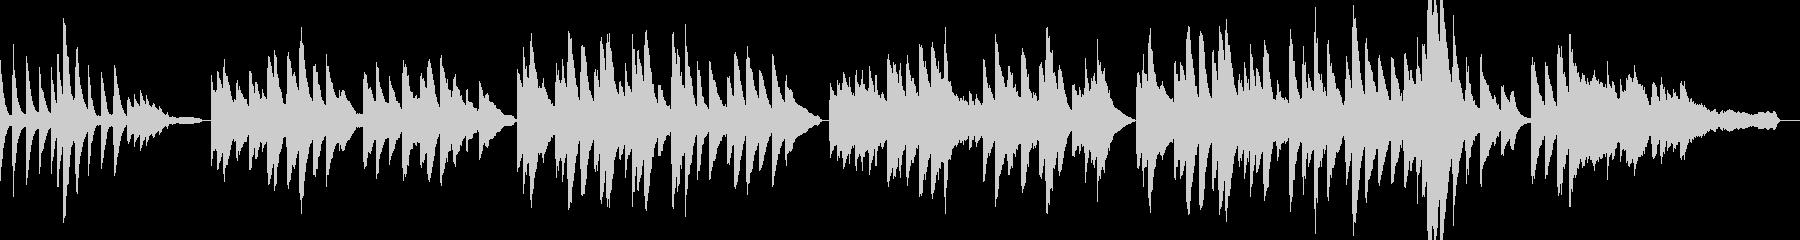 「ふるさと」ピアノアレンジ リバーブ浅めの未再生の波形